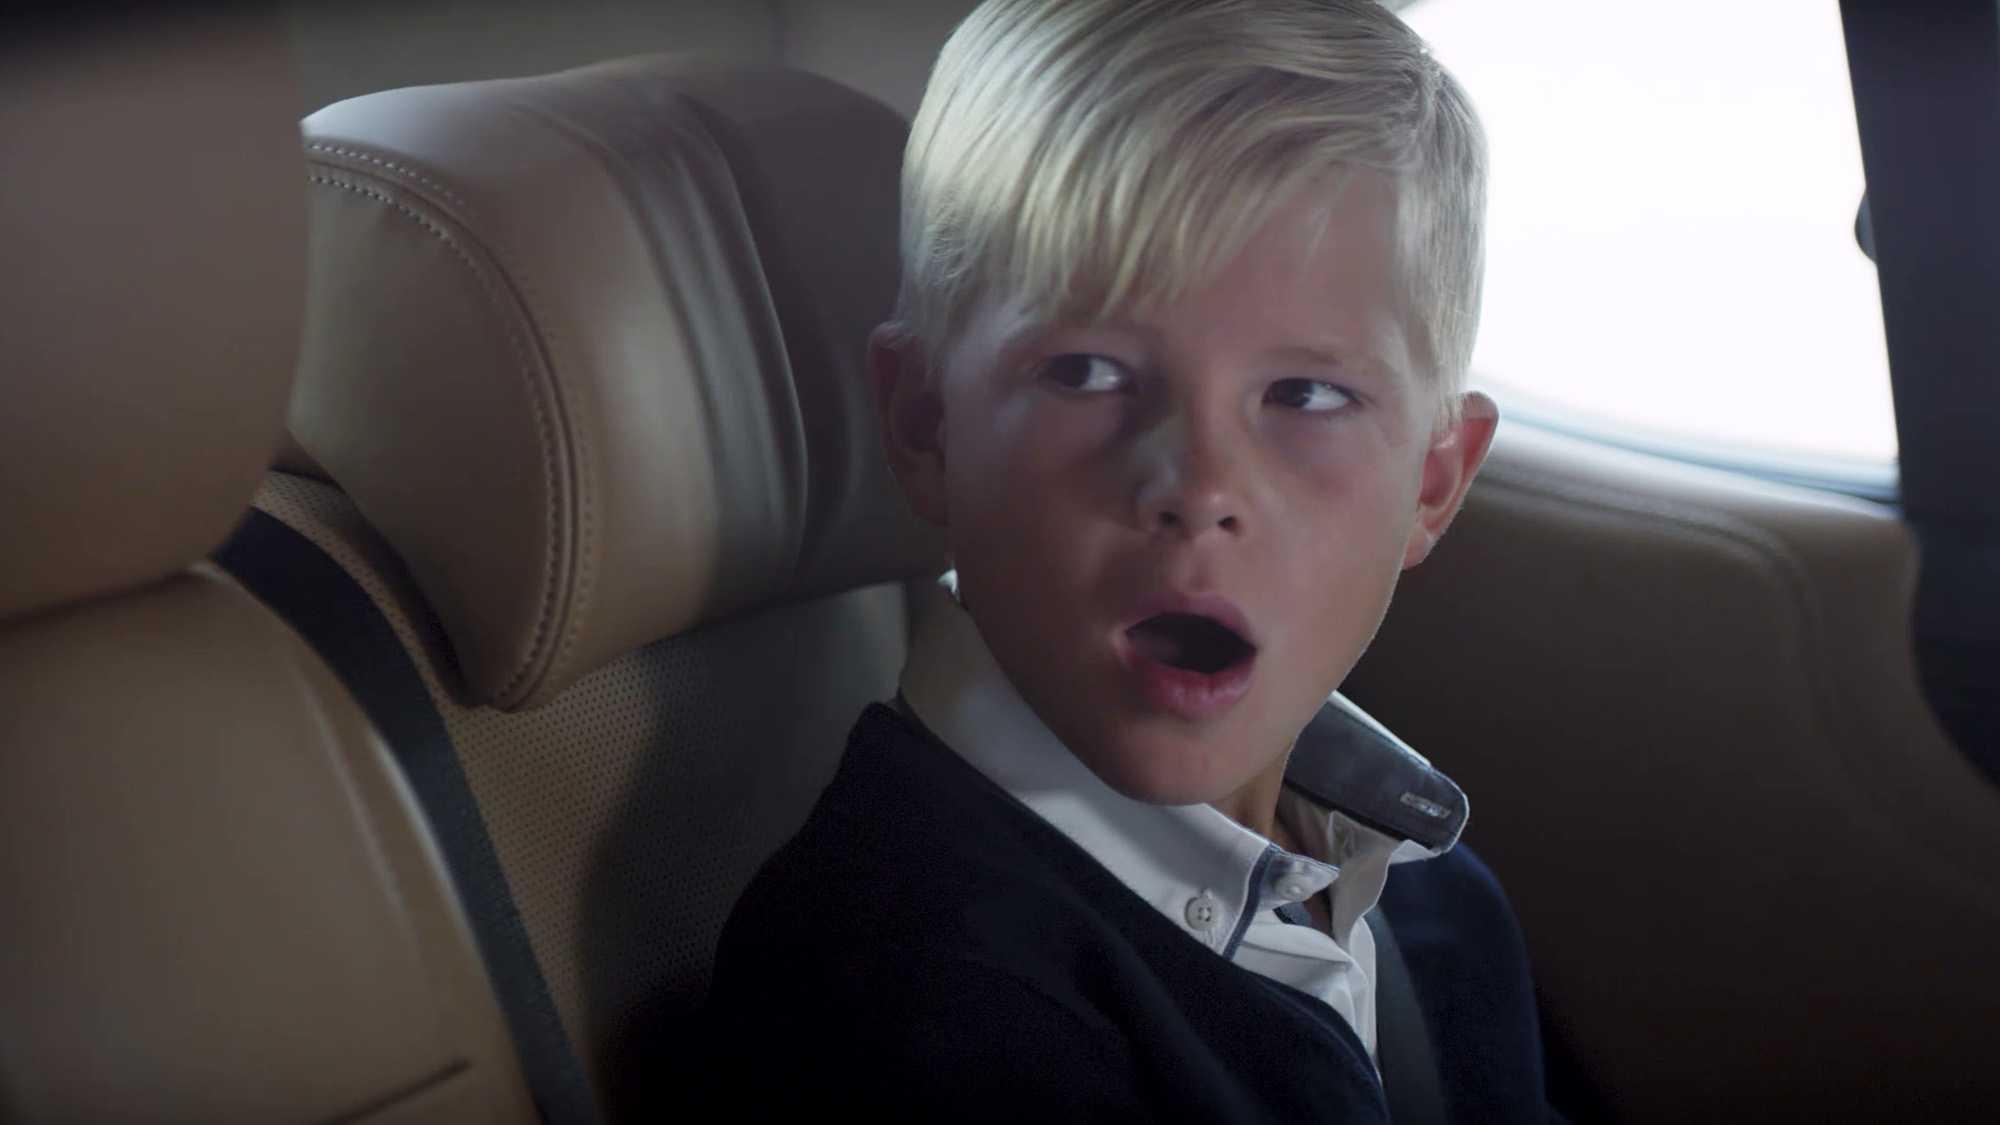 Das Bild zeigt einen Jungen. Er sitzt auf der Rückbank eines Autos. Er hat blonde Haare. Sein Mund ist geöffnet, er schaut verwundert. Die Sitze des Autos sind aus braunem Leder. Das Bild dient als Sliderbild für den Portfolioeintrag BMW Connected Drive Rivalitätskampf von Panda Pictures.